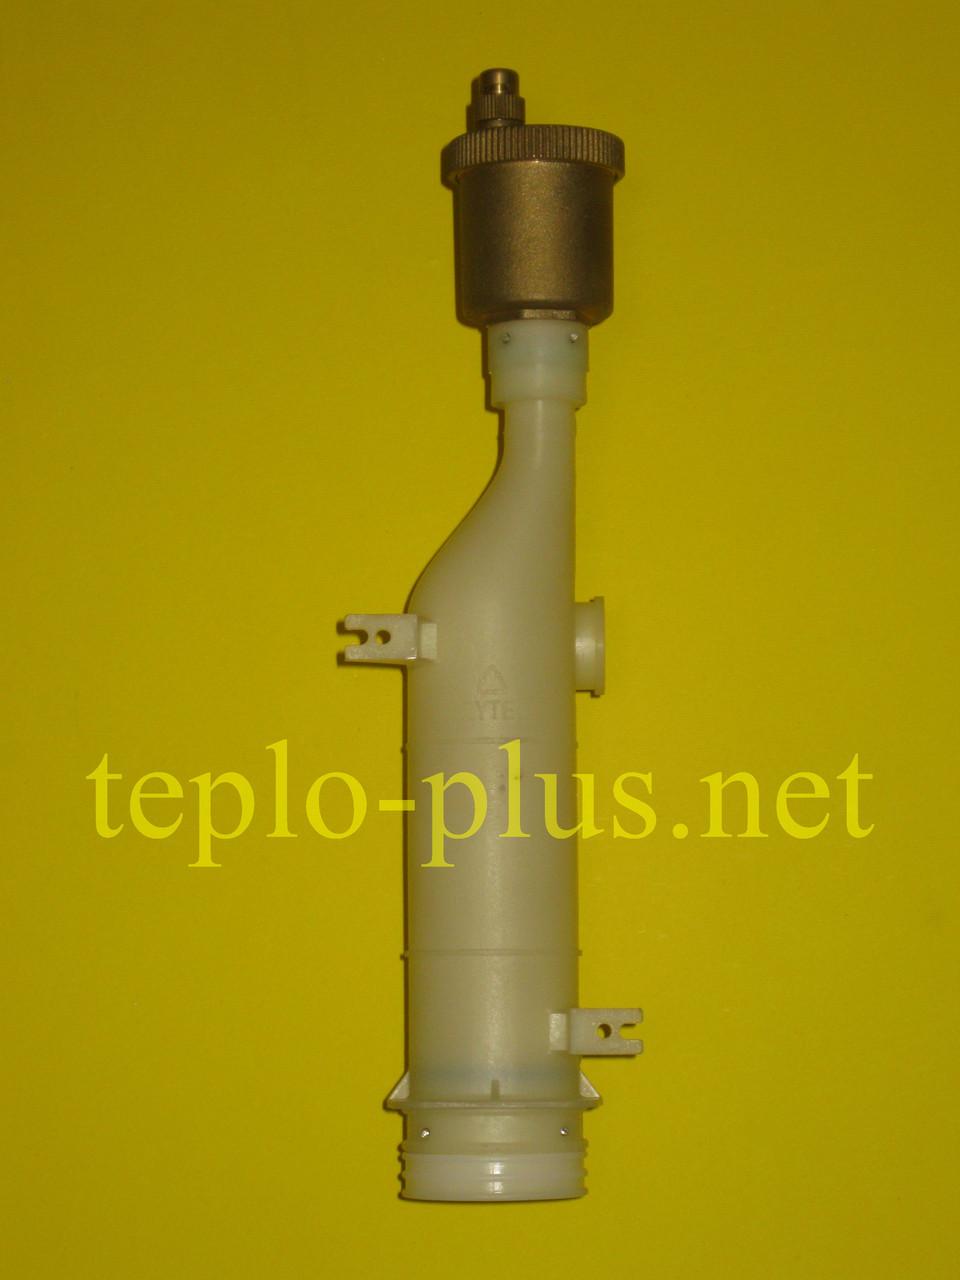 Фильтр водяной (воздухоотводчик под скобу) в сборе Daewoo Gasboiler DGB-100, 130, 160, 200 KFC, фото 2